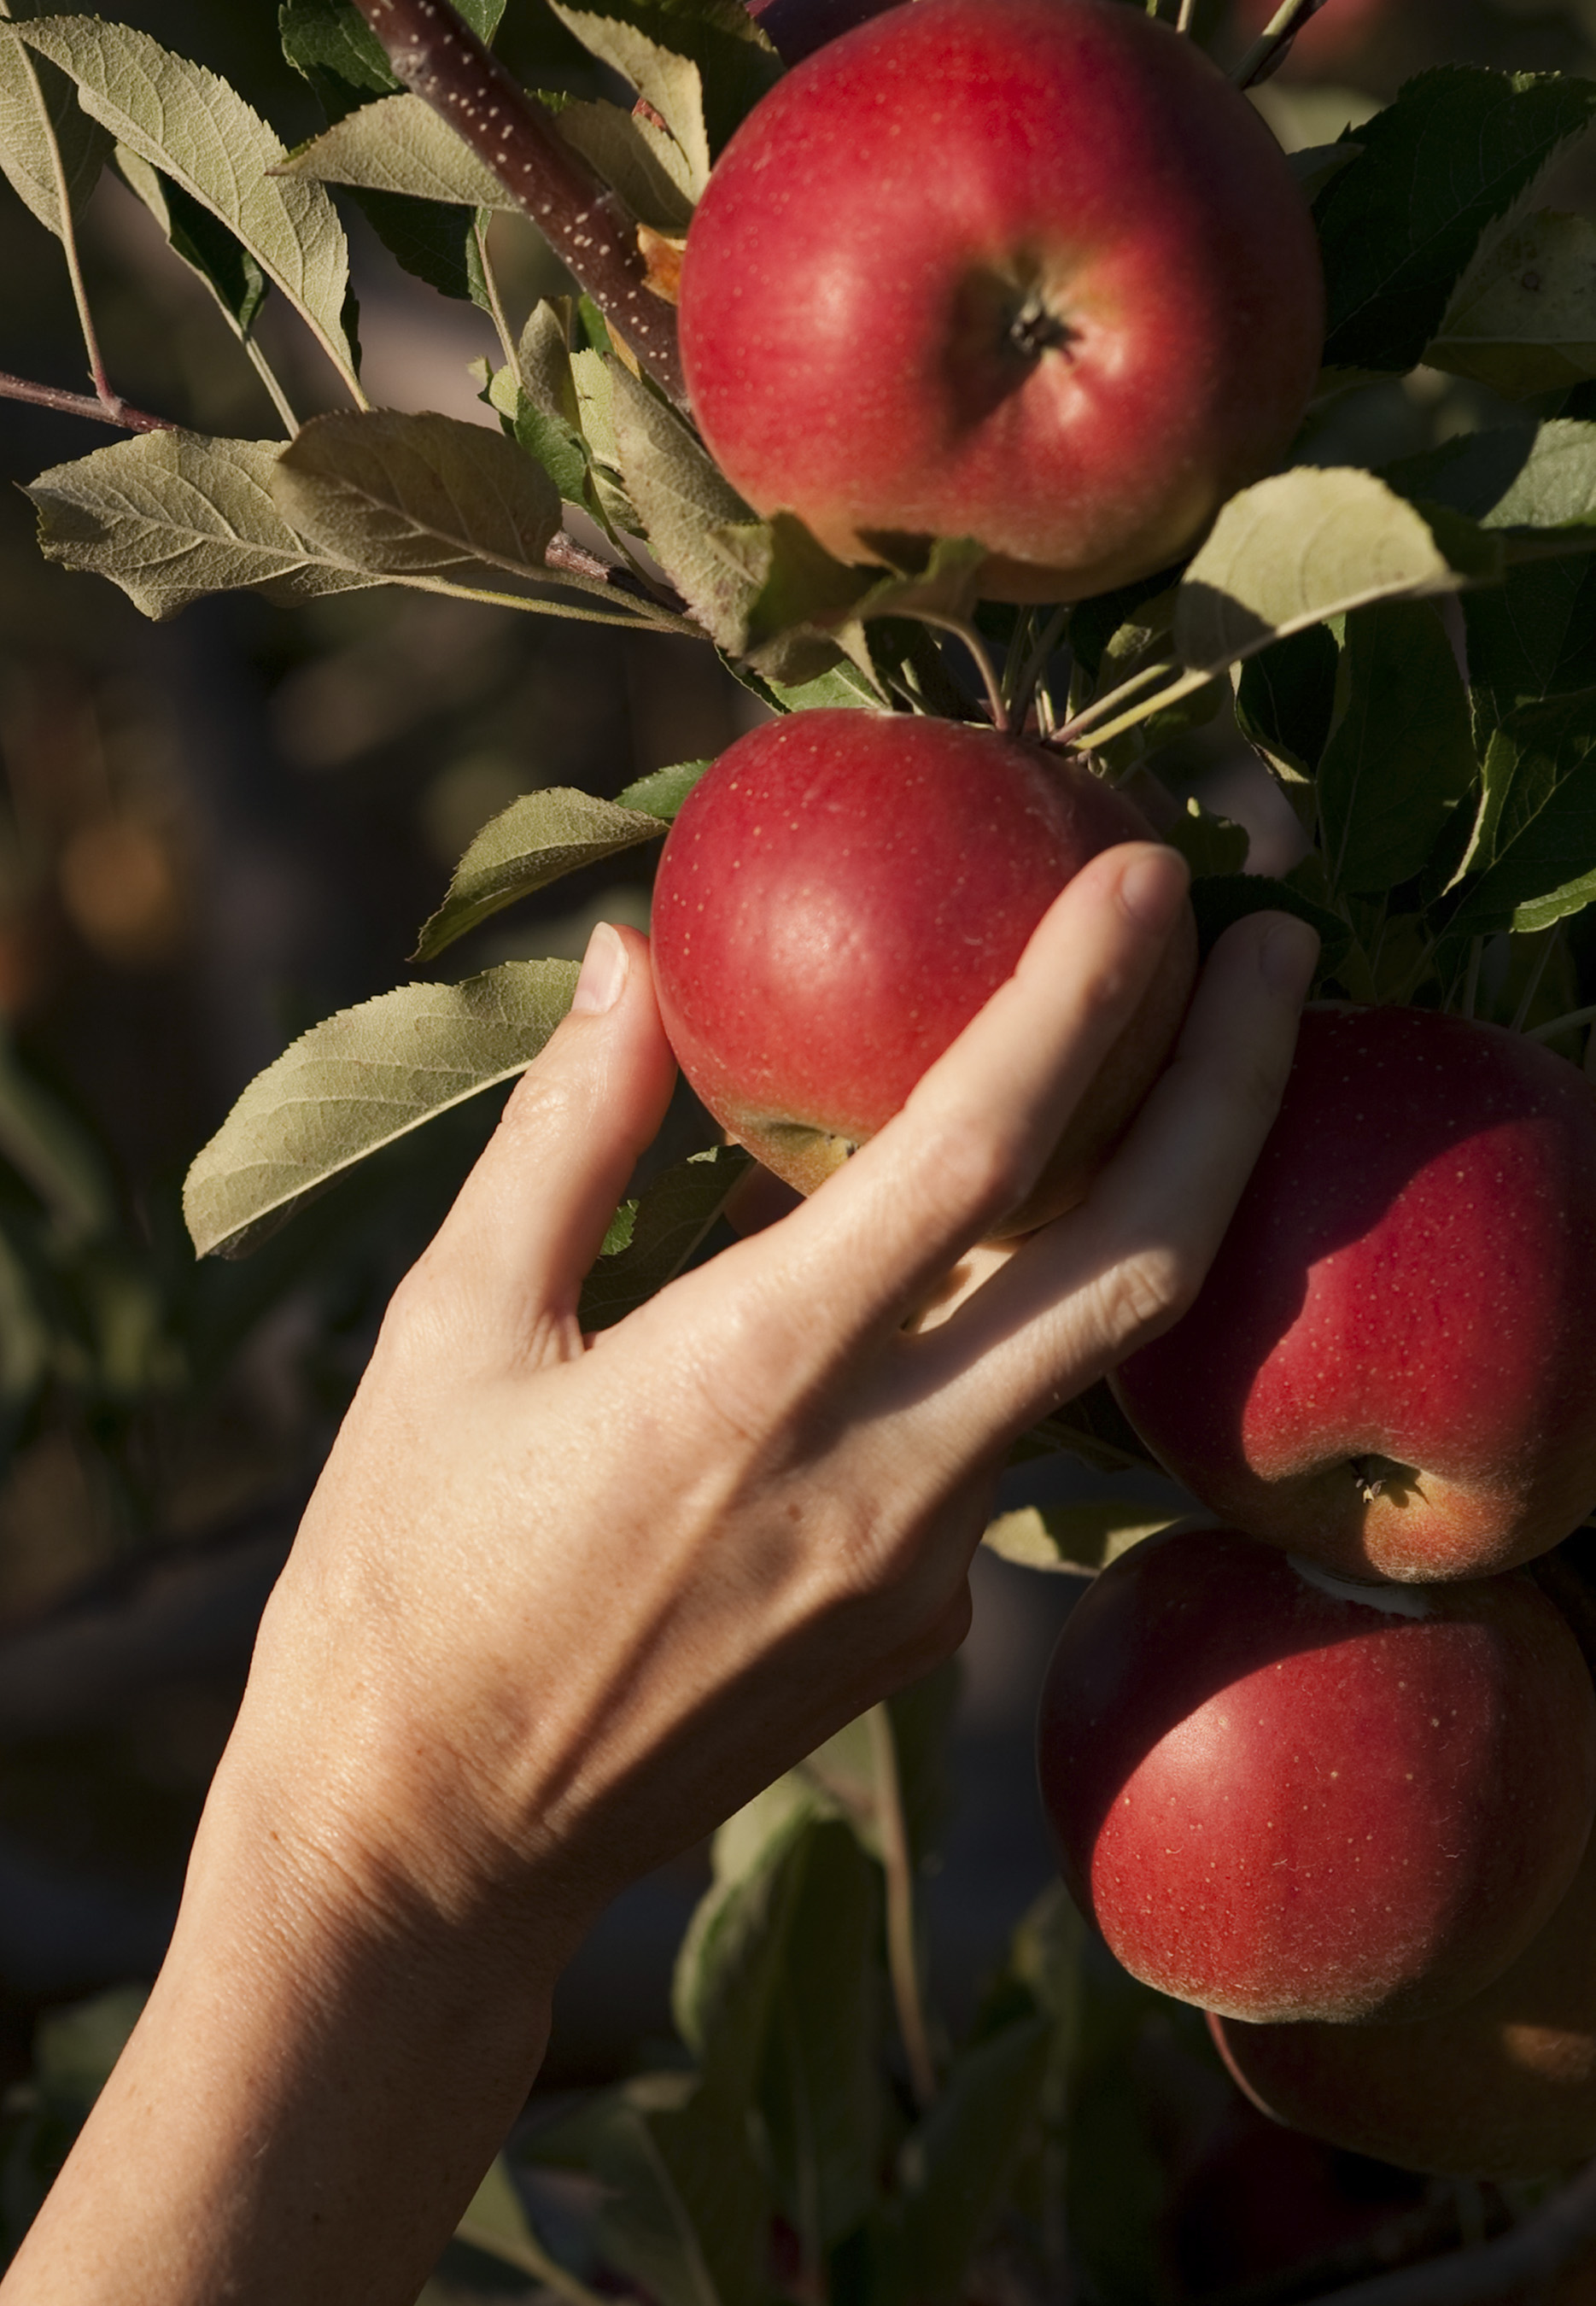 apples_7820cn.jpg